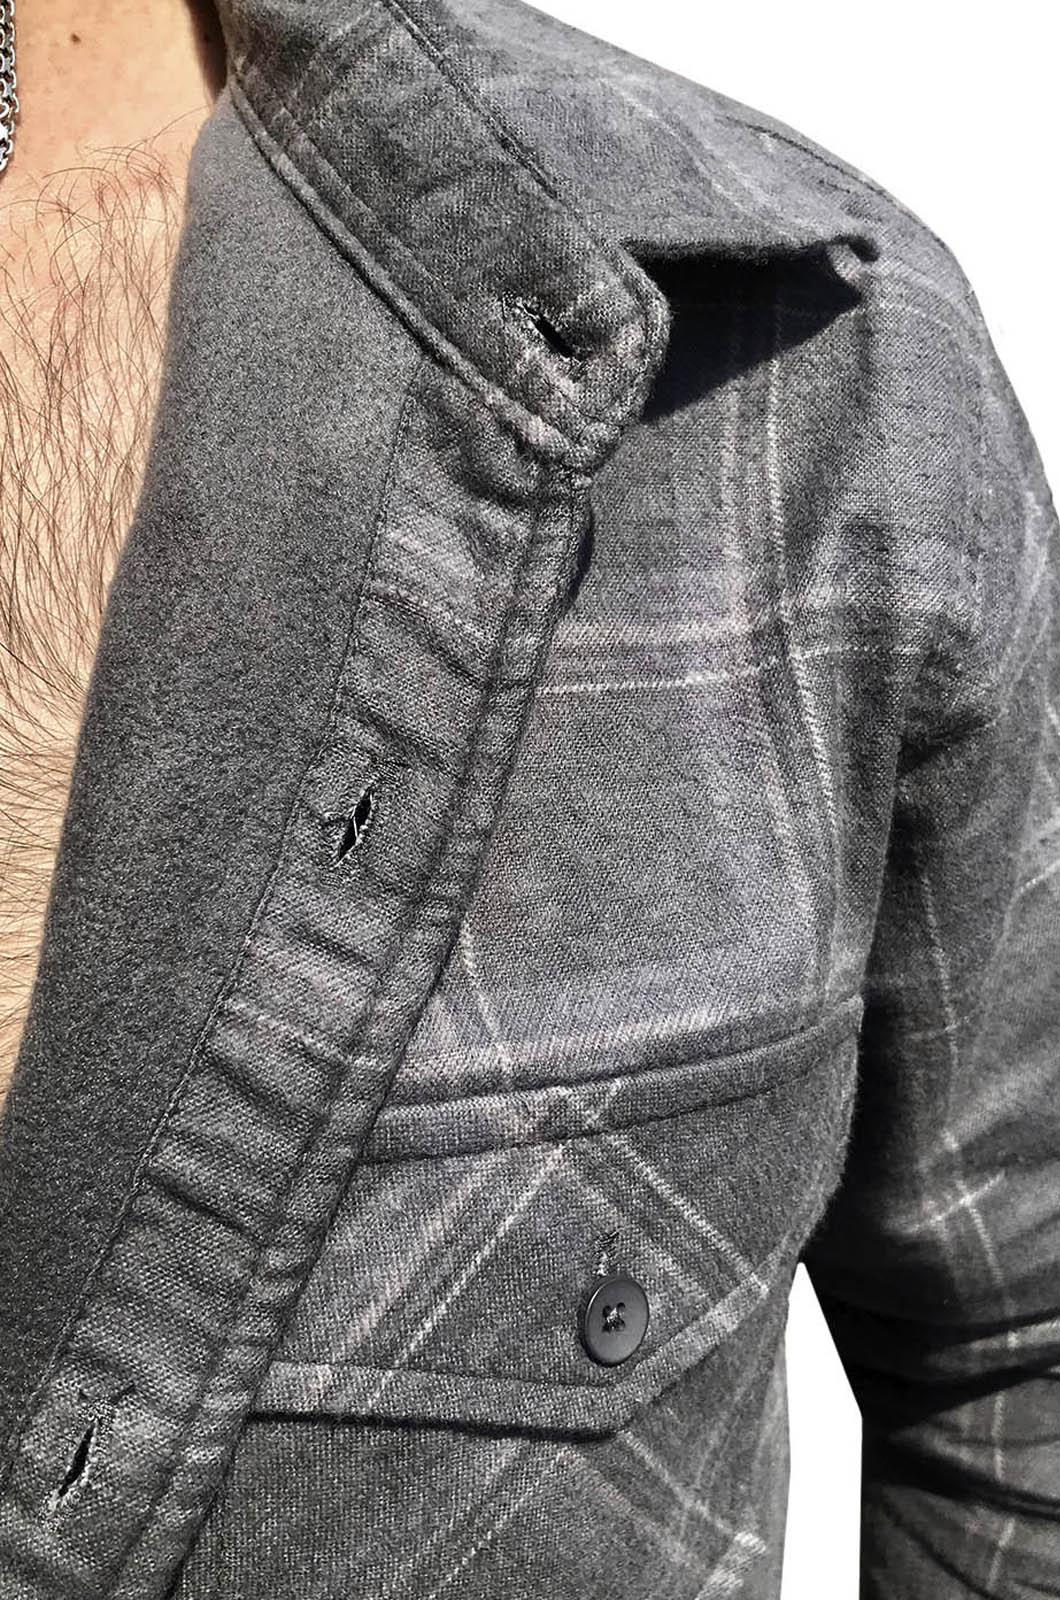 Мужская теплая рубашка с нашивкой Тихоокеанский флот СССР купить самовывозом